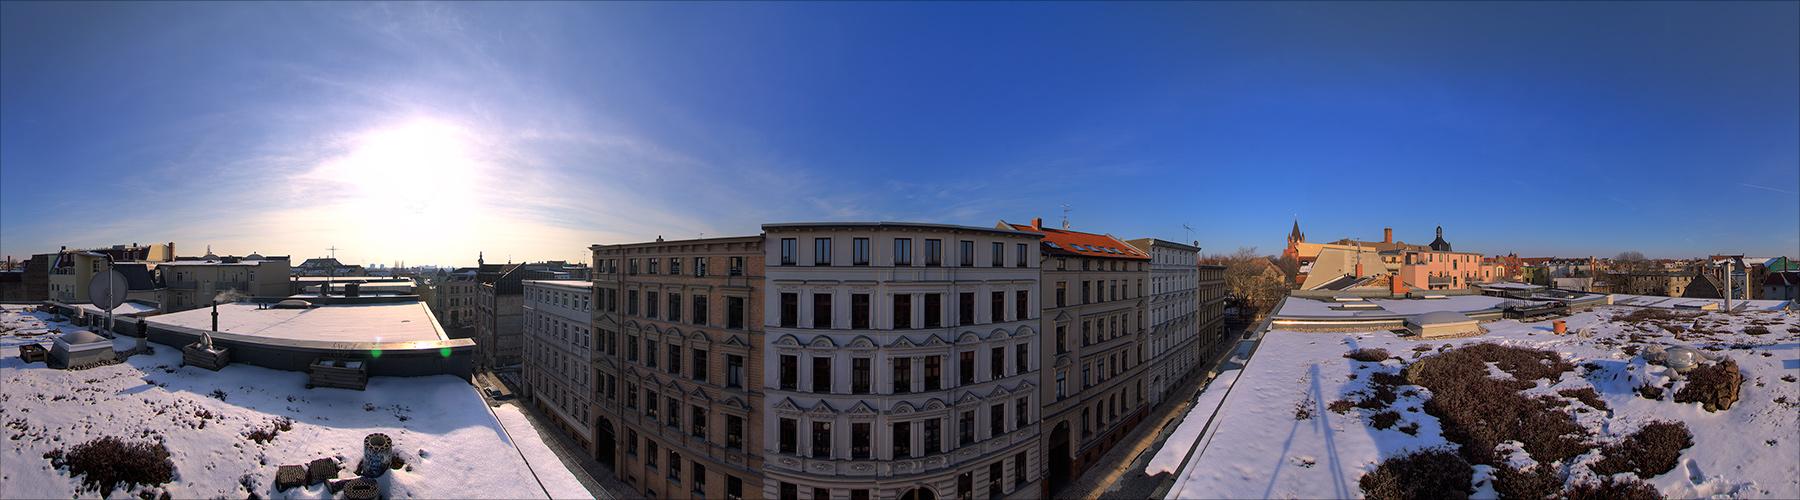 über den Dächern von Halle